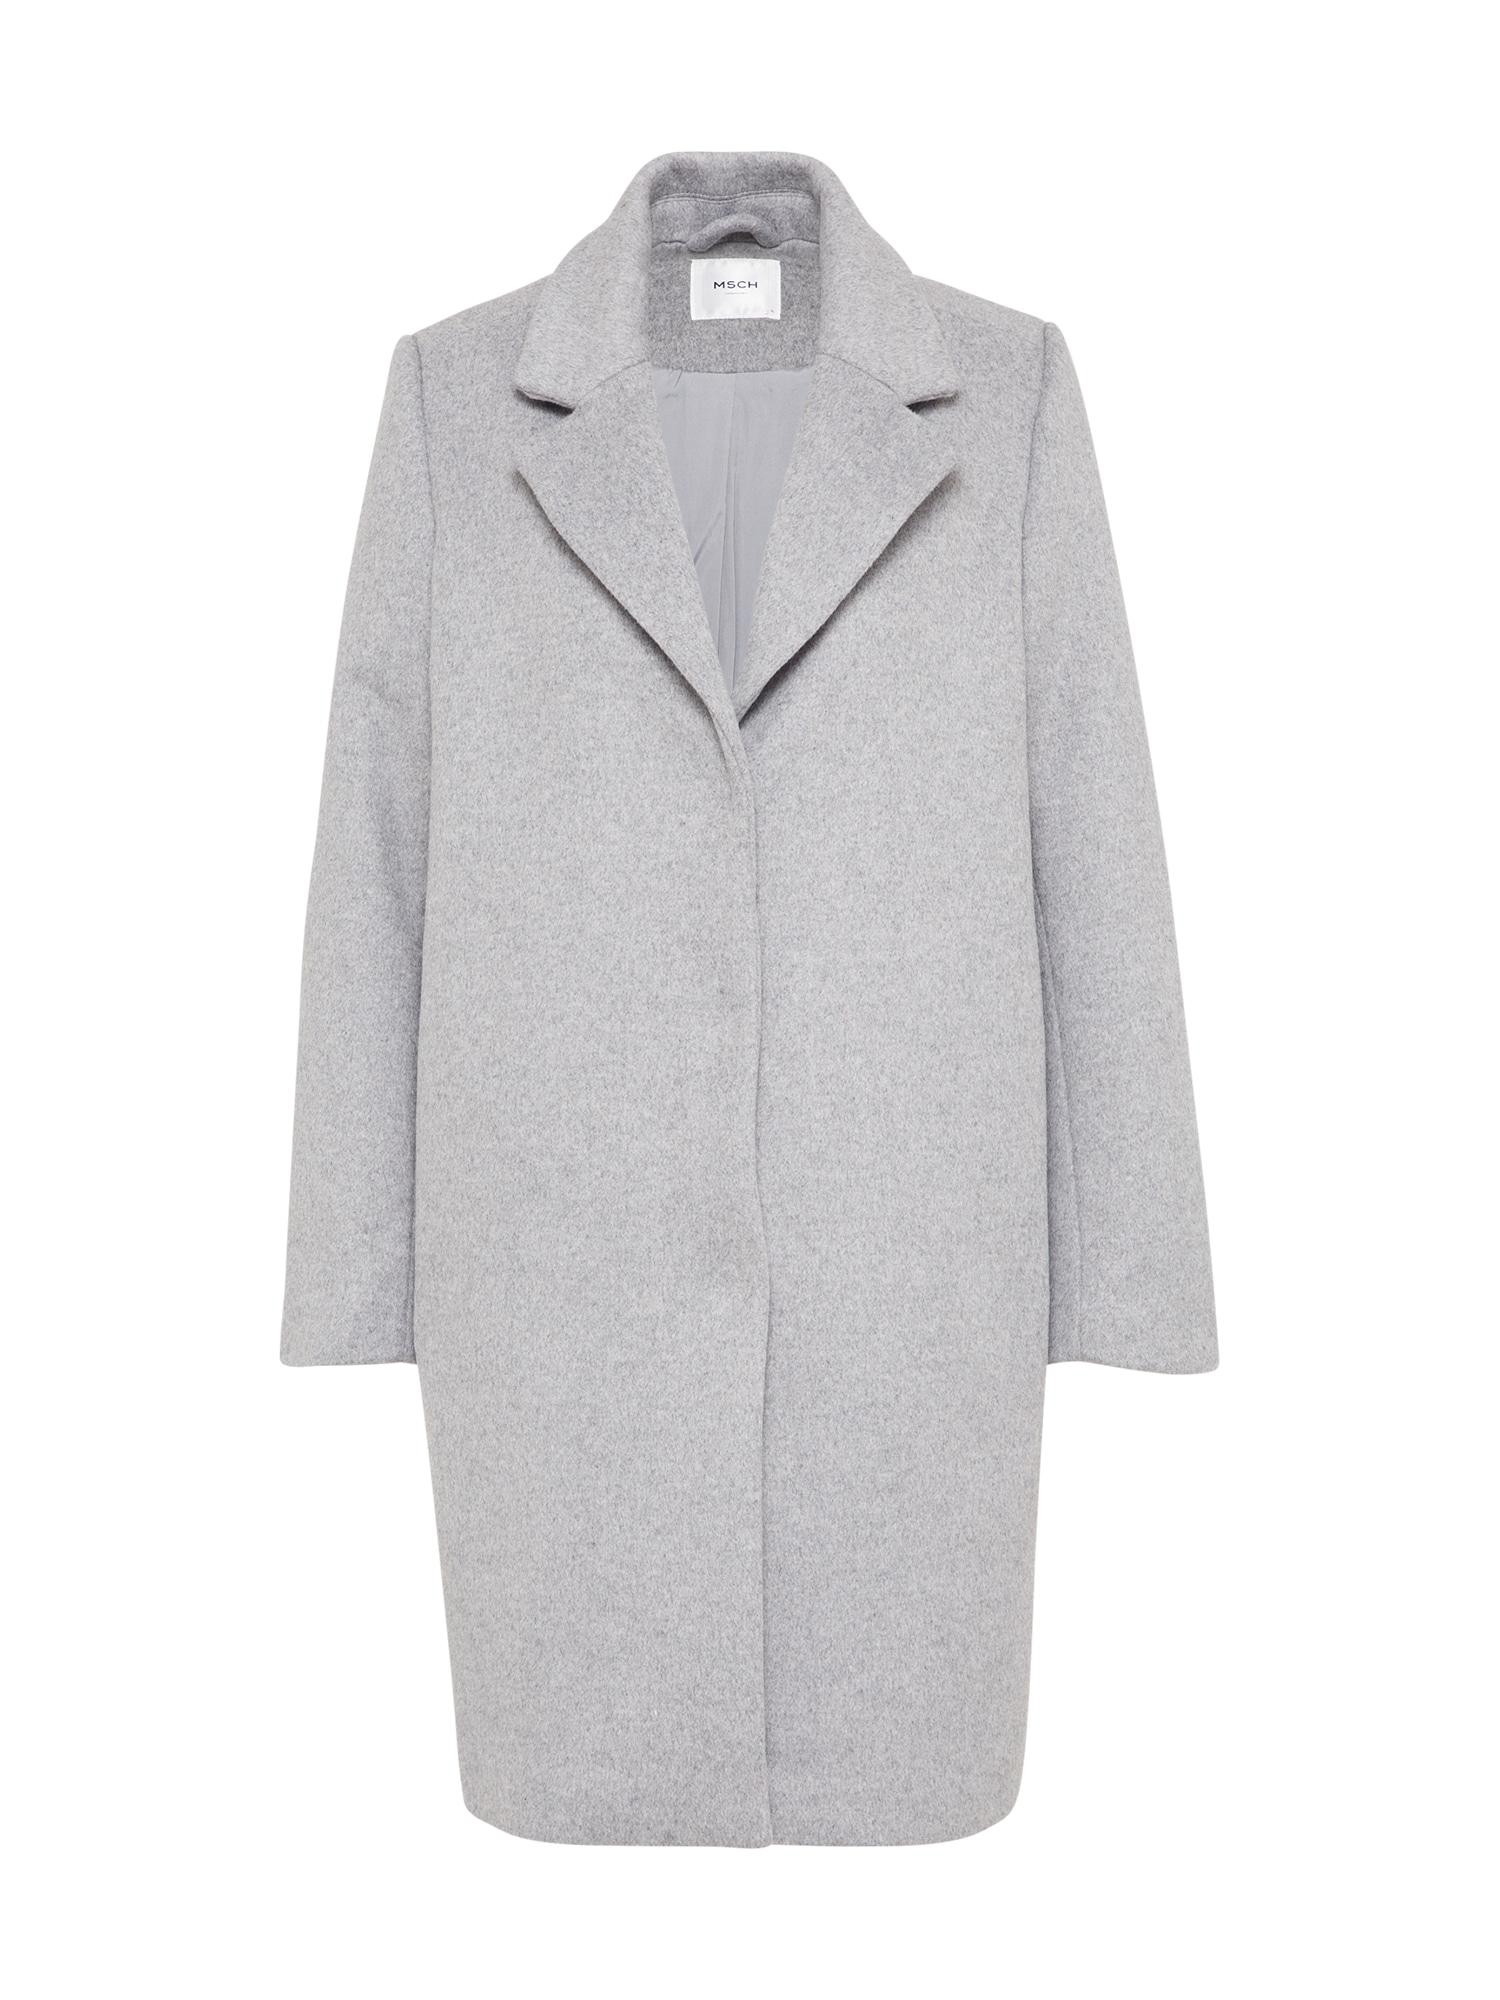 Přechodný kabát Como světle šedá MOSS COPENHAGEN